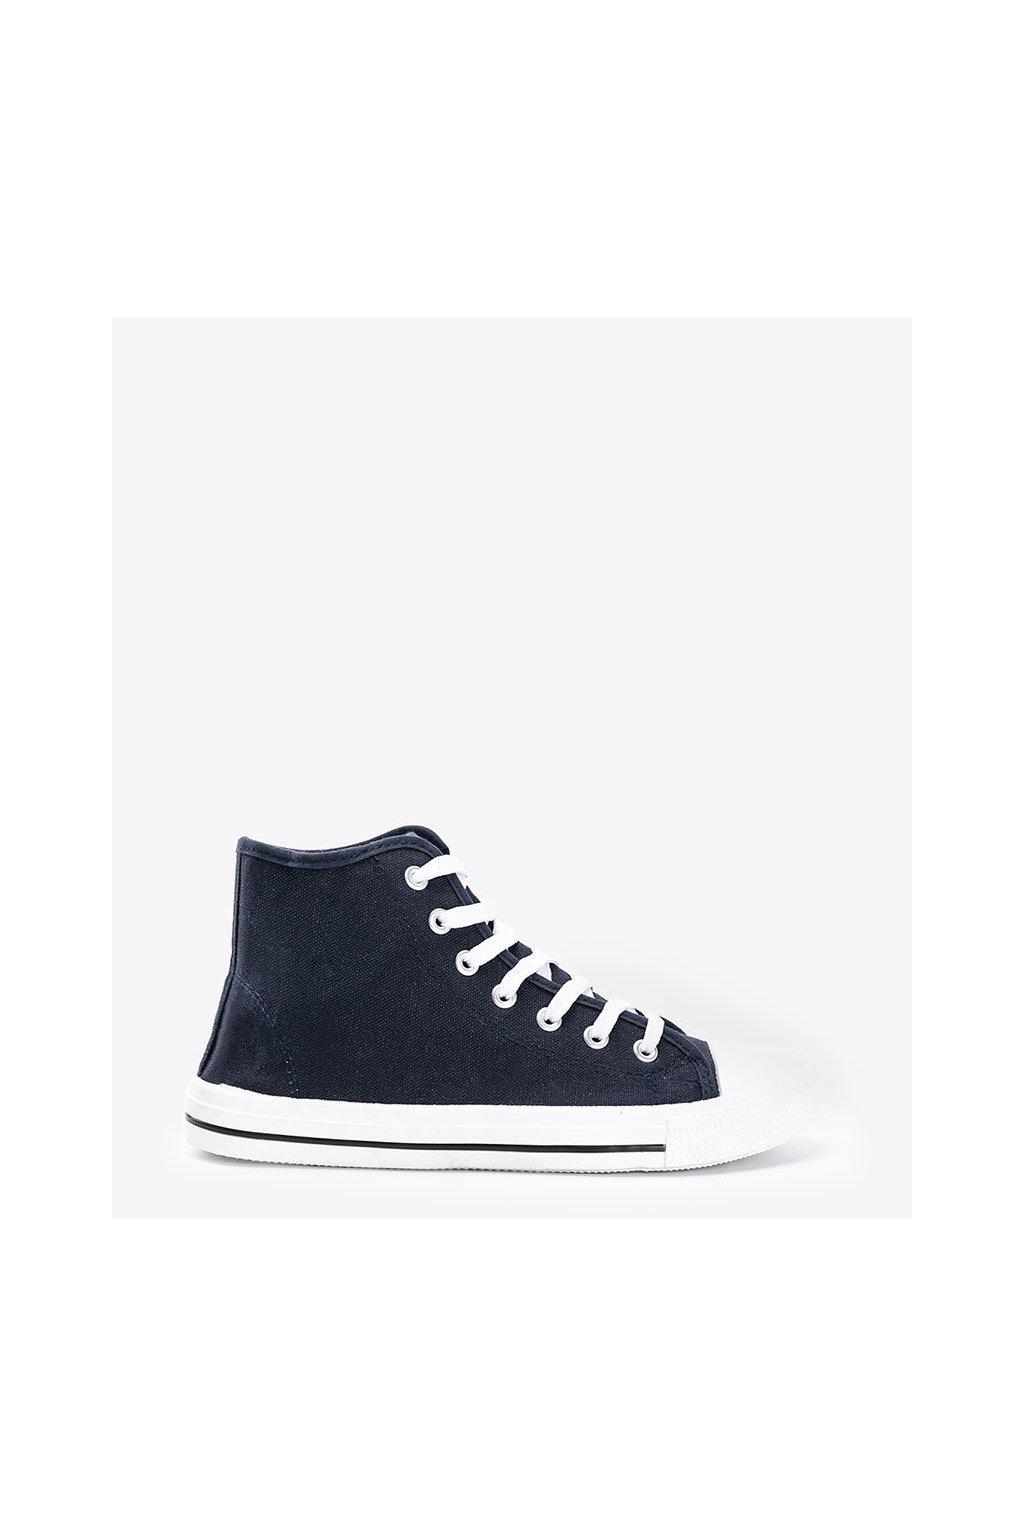 Pánske topánky tenisky modré kód B082-M - GM